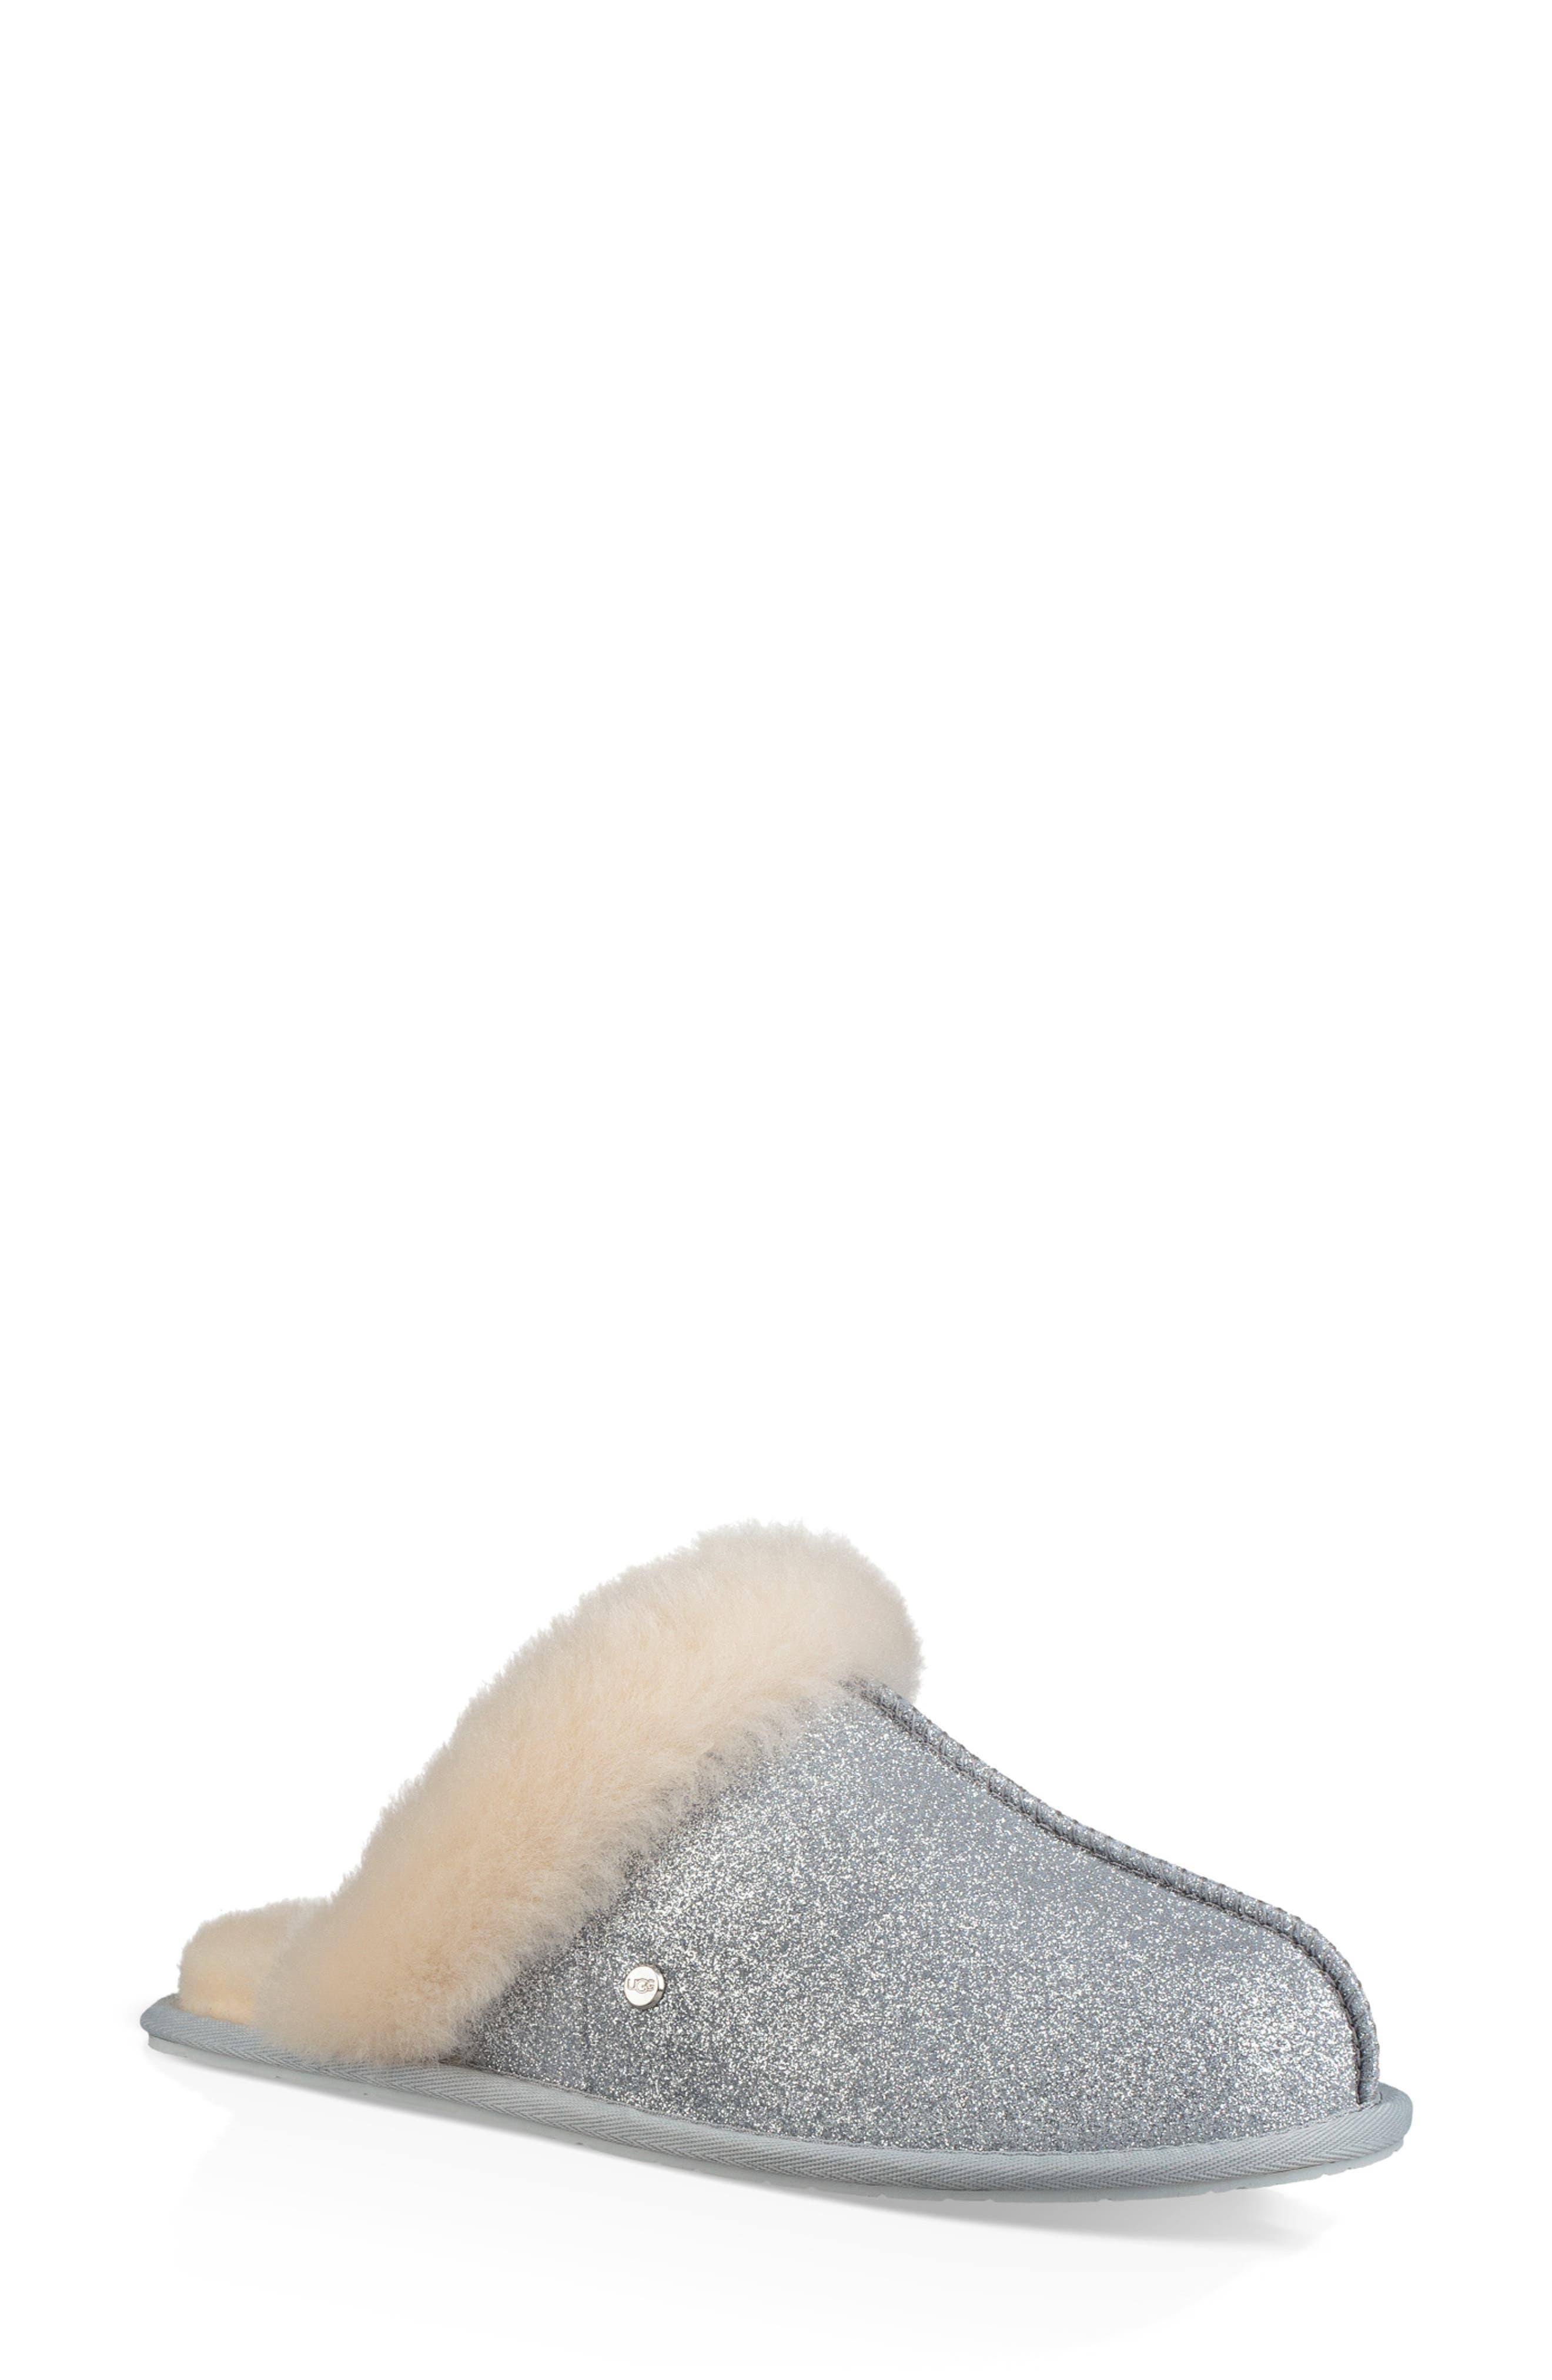 UGG<SUP>®</SUP> Scuffette II Sparkle Genuine Shearling Slipper, Main, color, SILVER